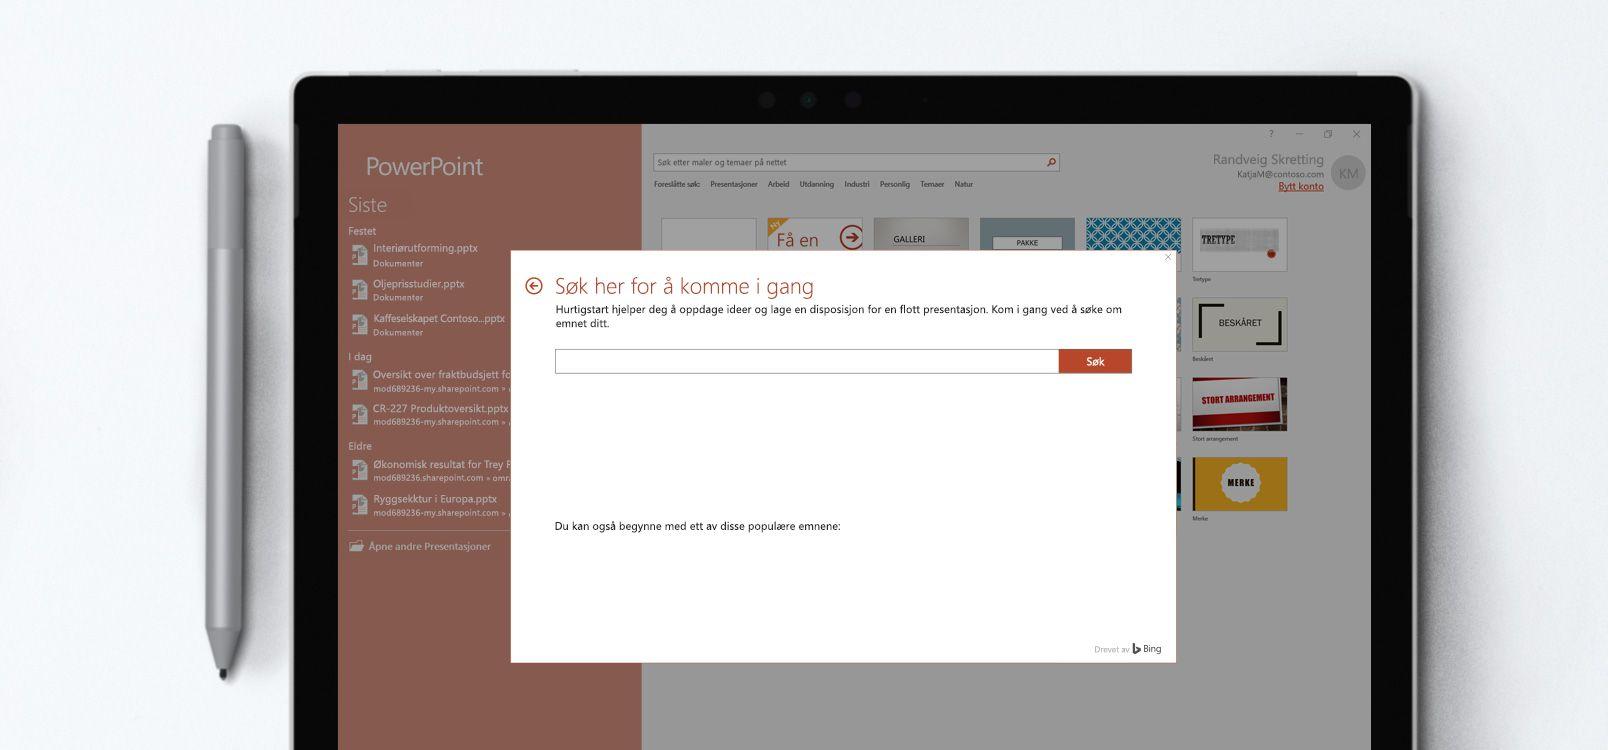 Nettbrettskjerm som viser hvordan Hurtigstart-funksjonen brukes i et PowerPoint-dokument